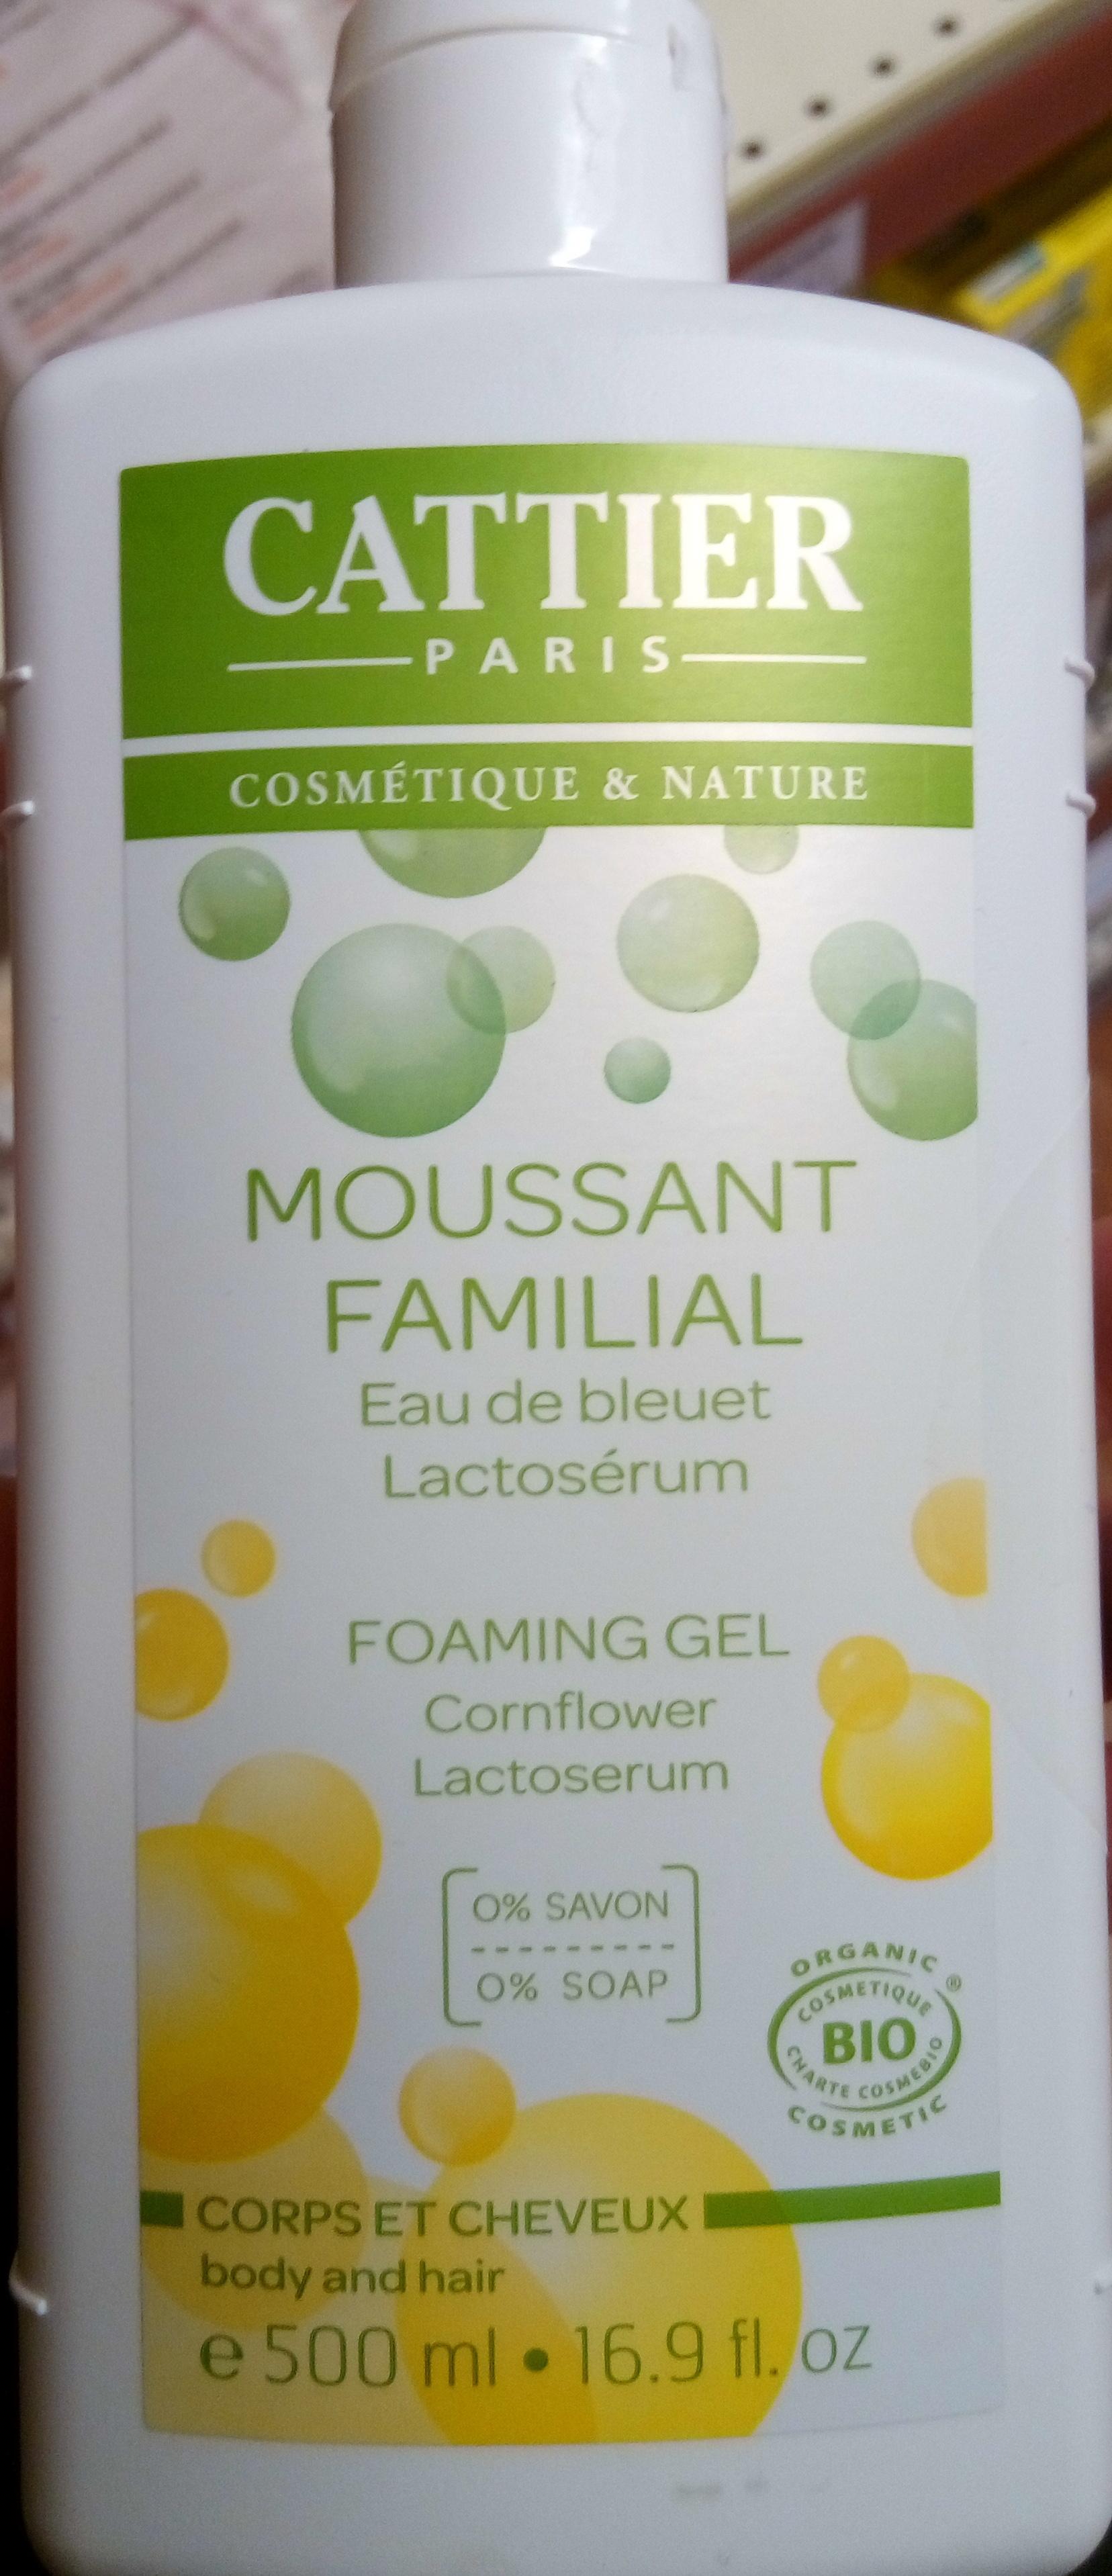 Gel moussant familial eau de bleuet lactosérum - Produit